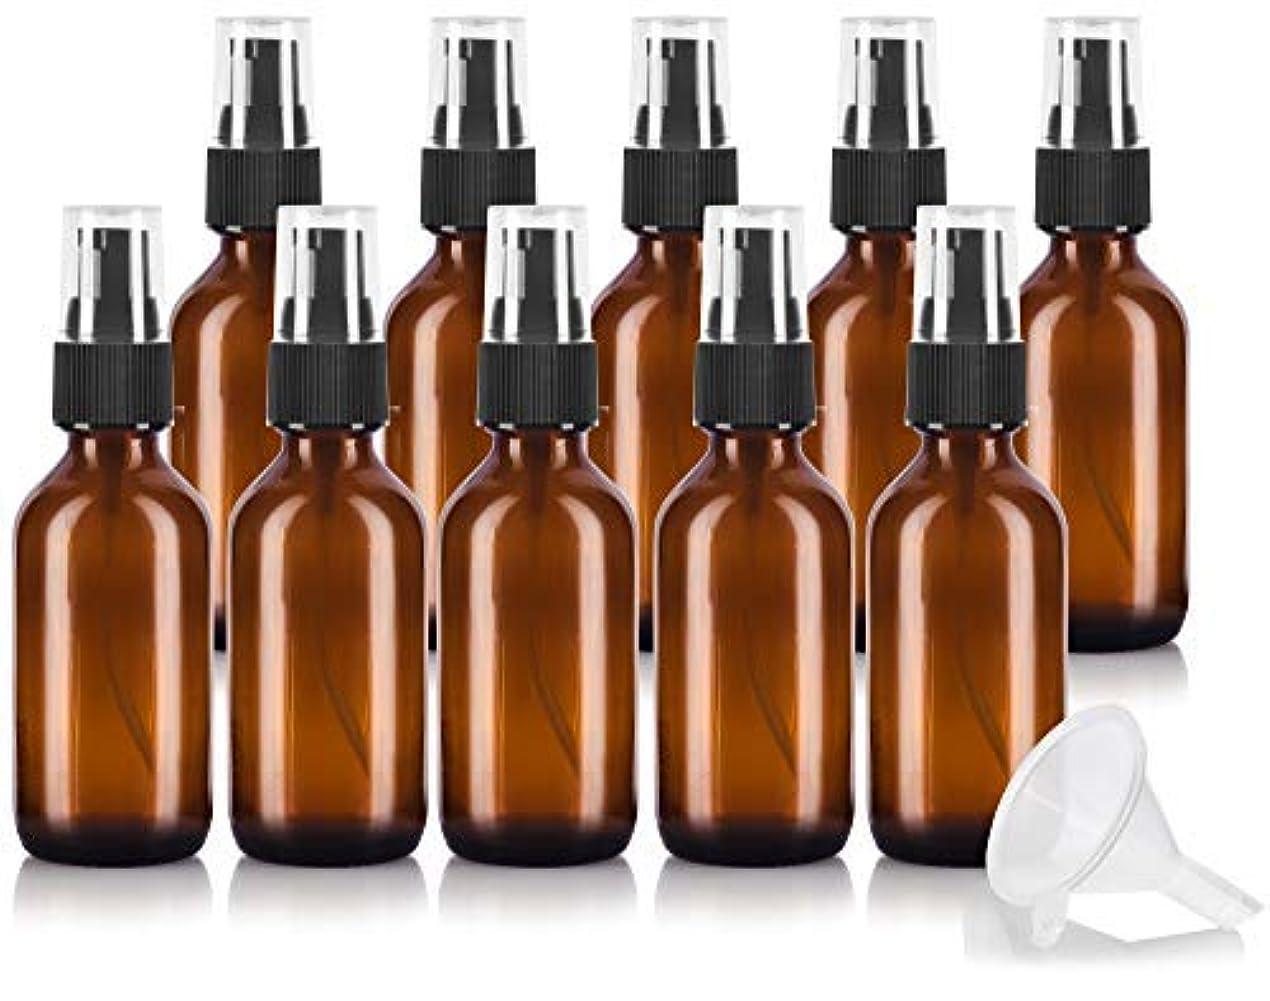 許す配列留め金2 oz Amber Glass Boston Round Treatment Pump Bottle (10 pack) + Funnel and Labels for essential oils, aromatherapy...